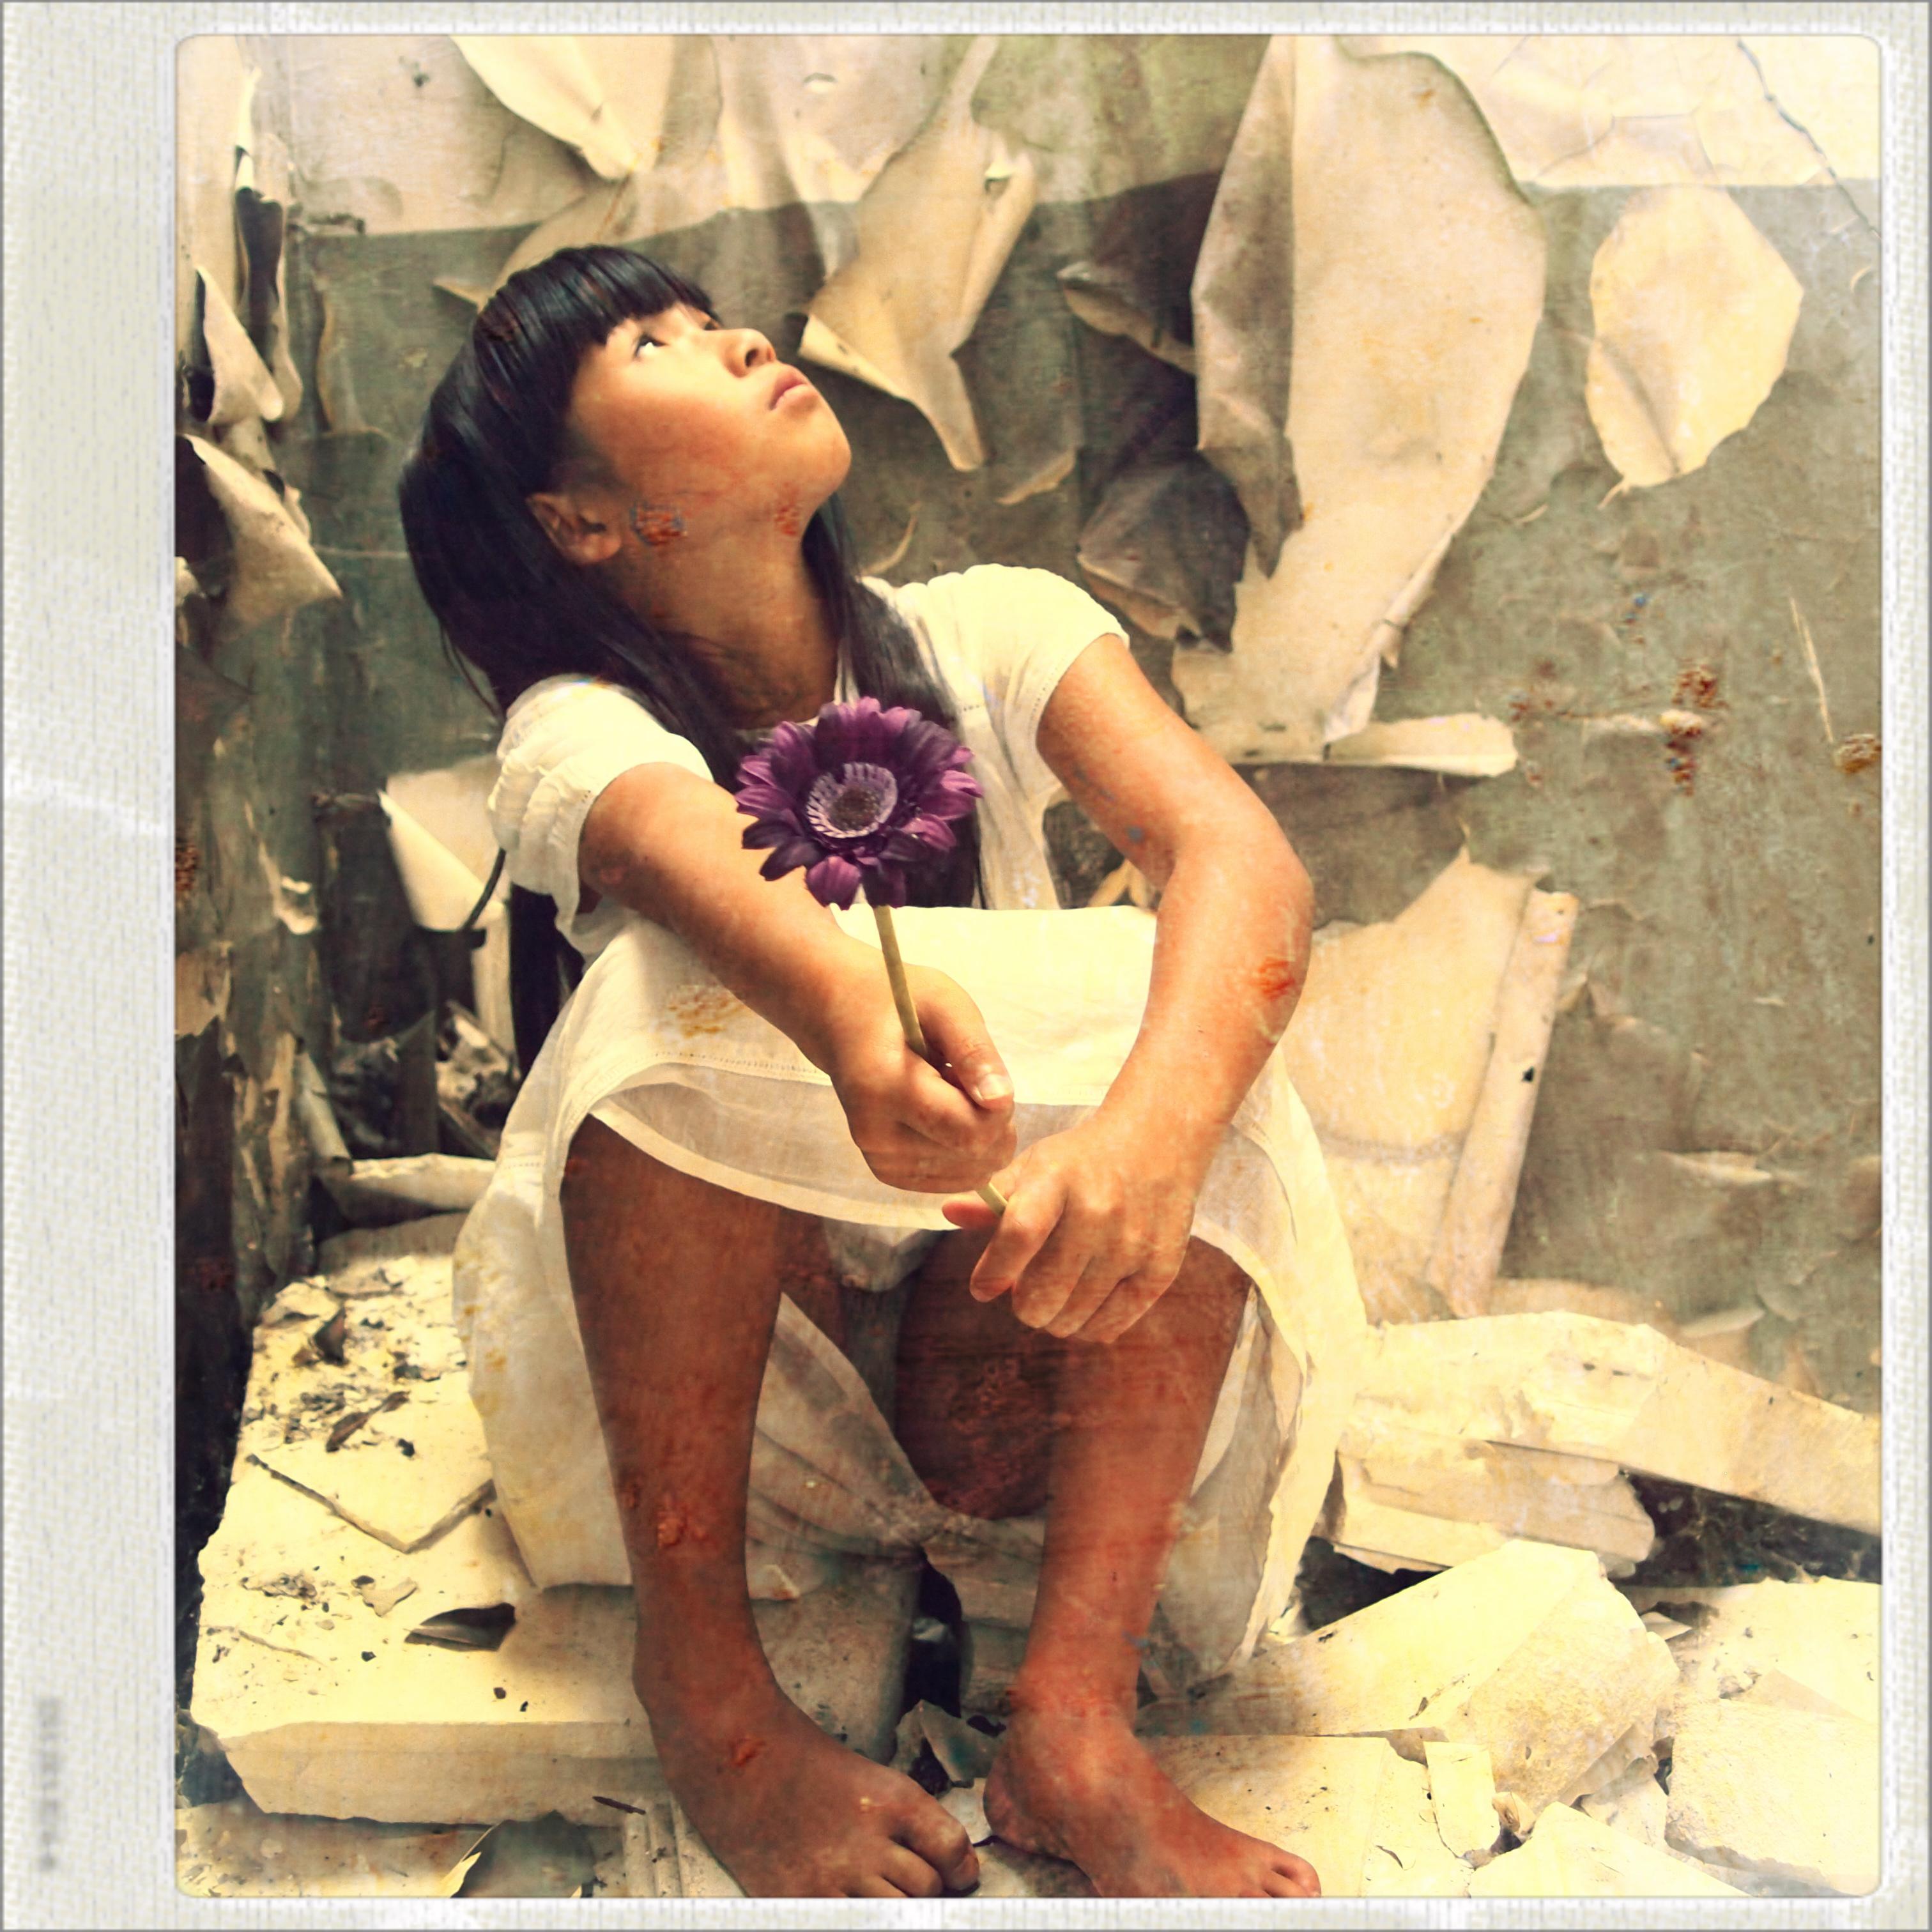 Kay fleur 13 novembre - Haud Plaquette Meline - Artistes de KAZoART